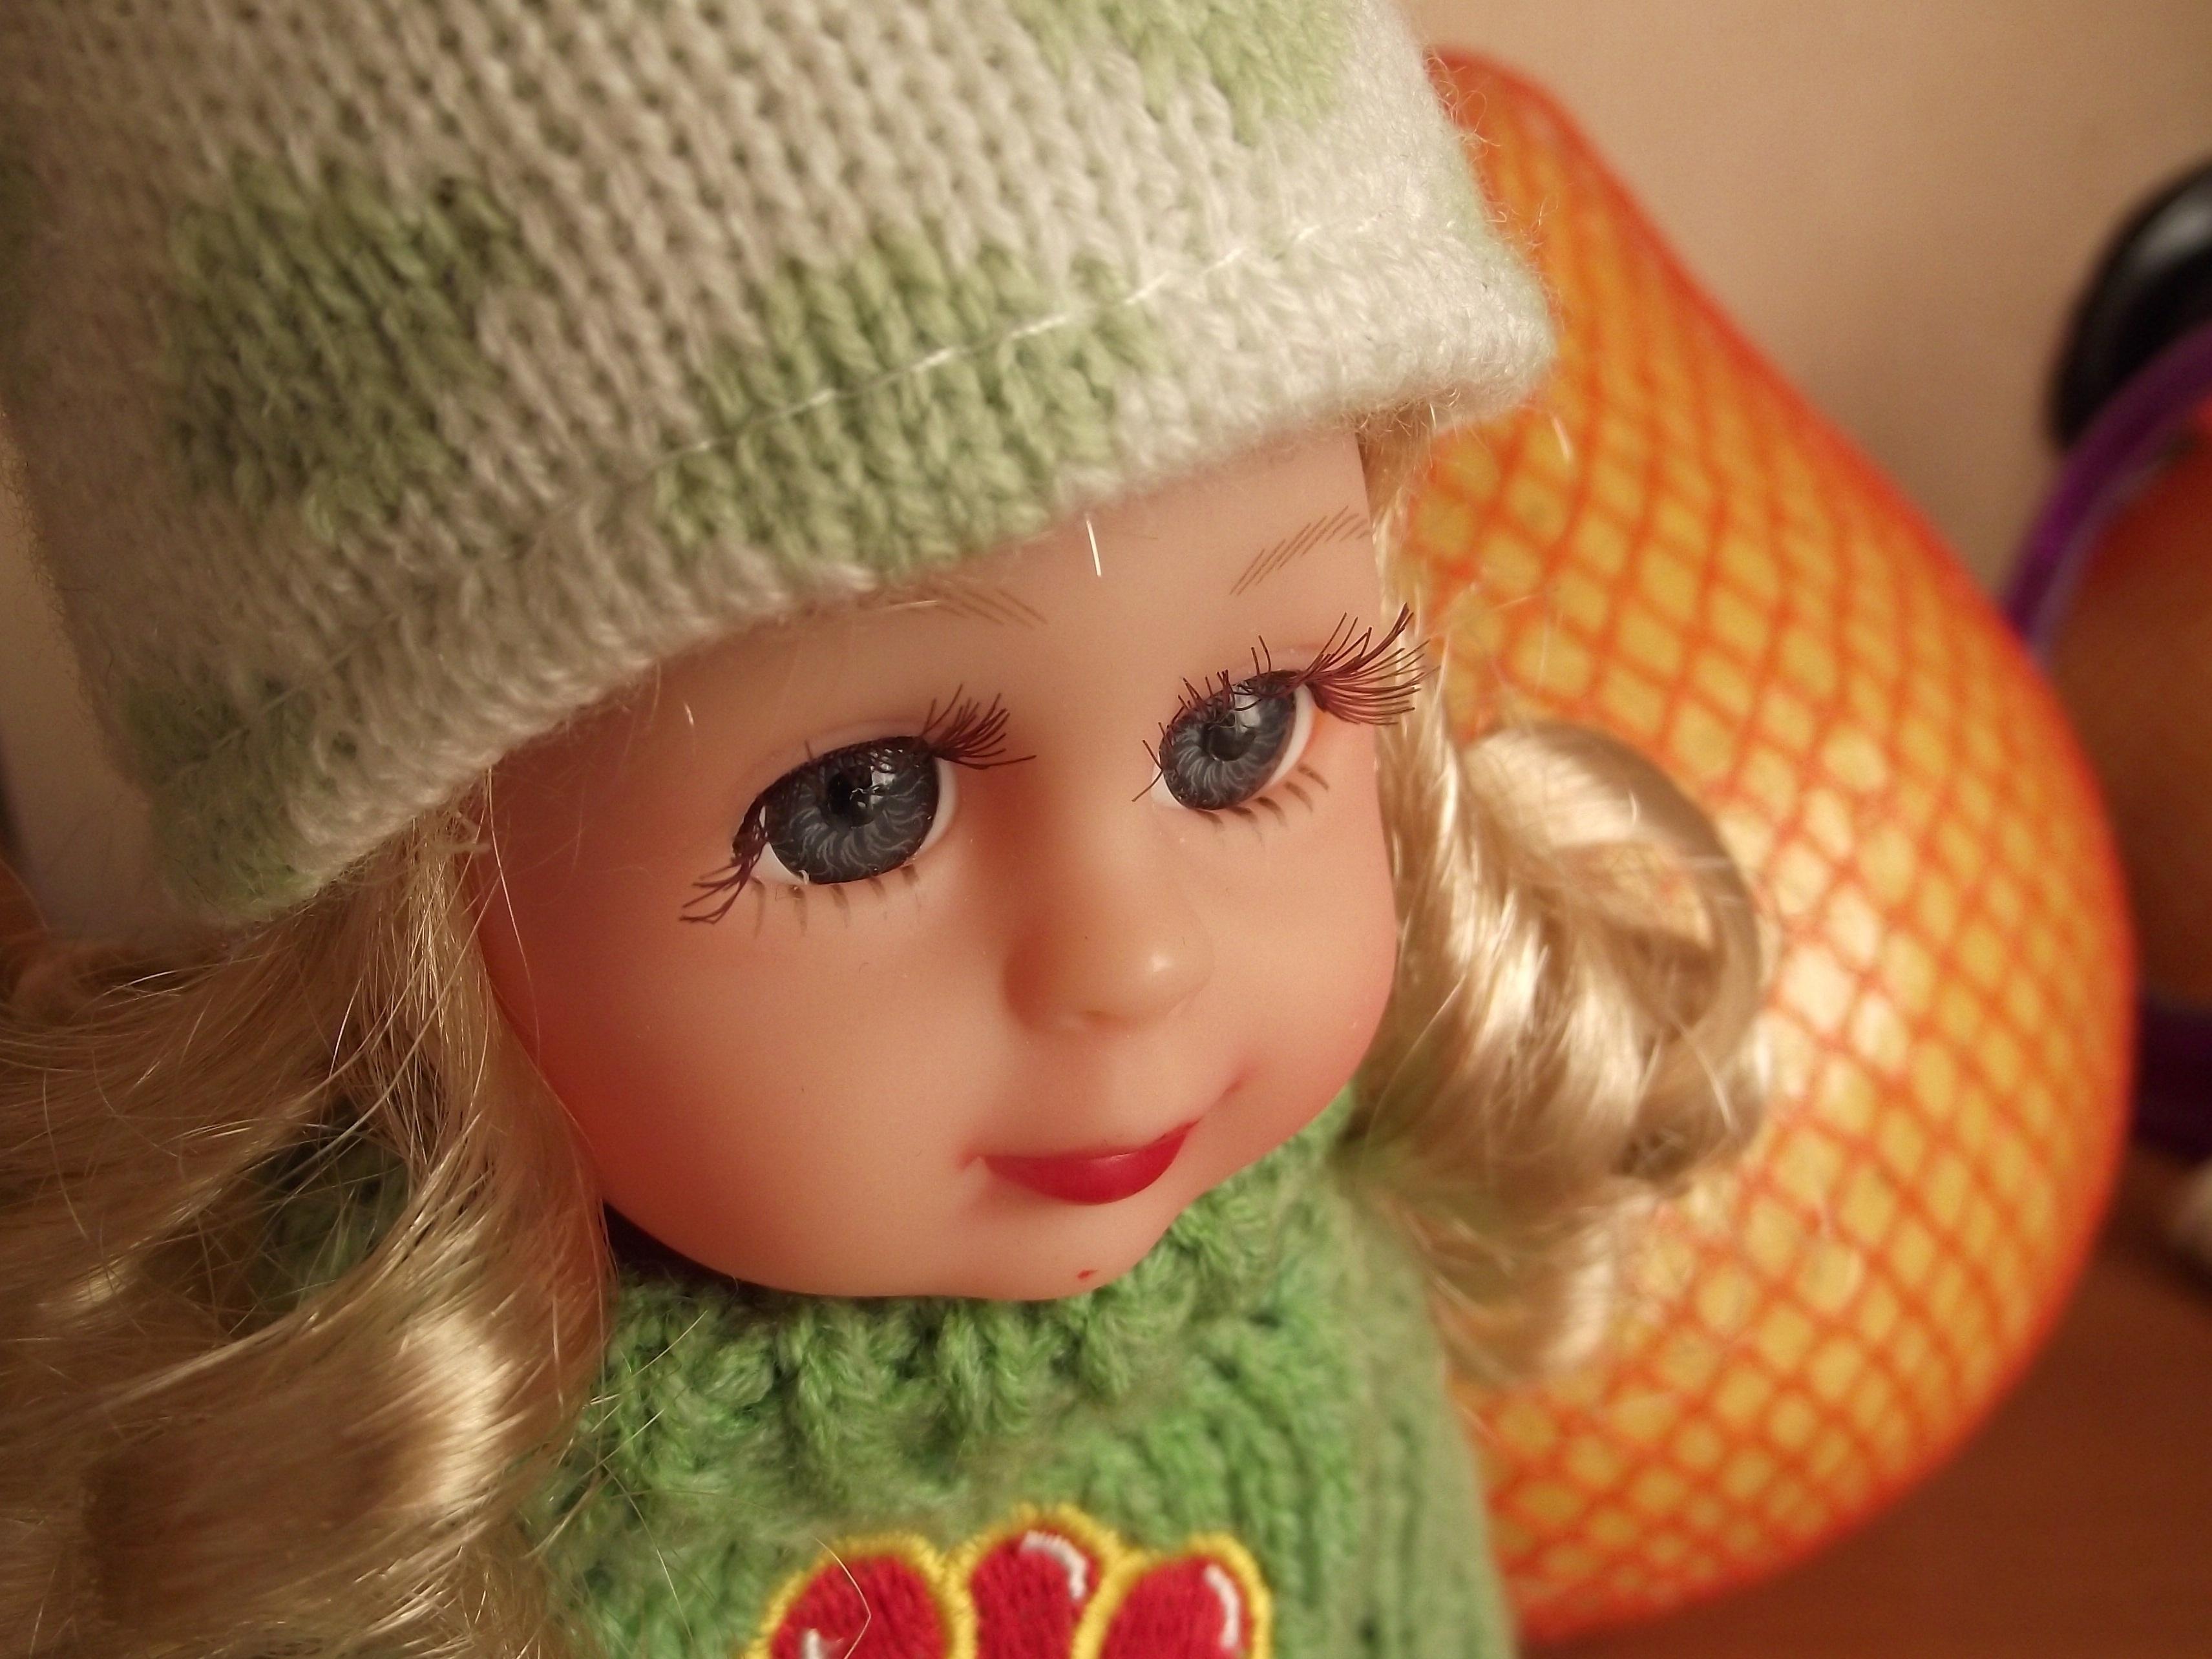 Kostenlose foto : Haar, Grün, Makro, Kind, Kleidung, Rosa, Spielzeug ...